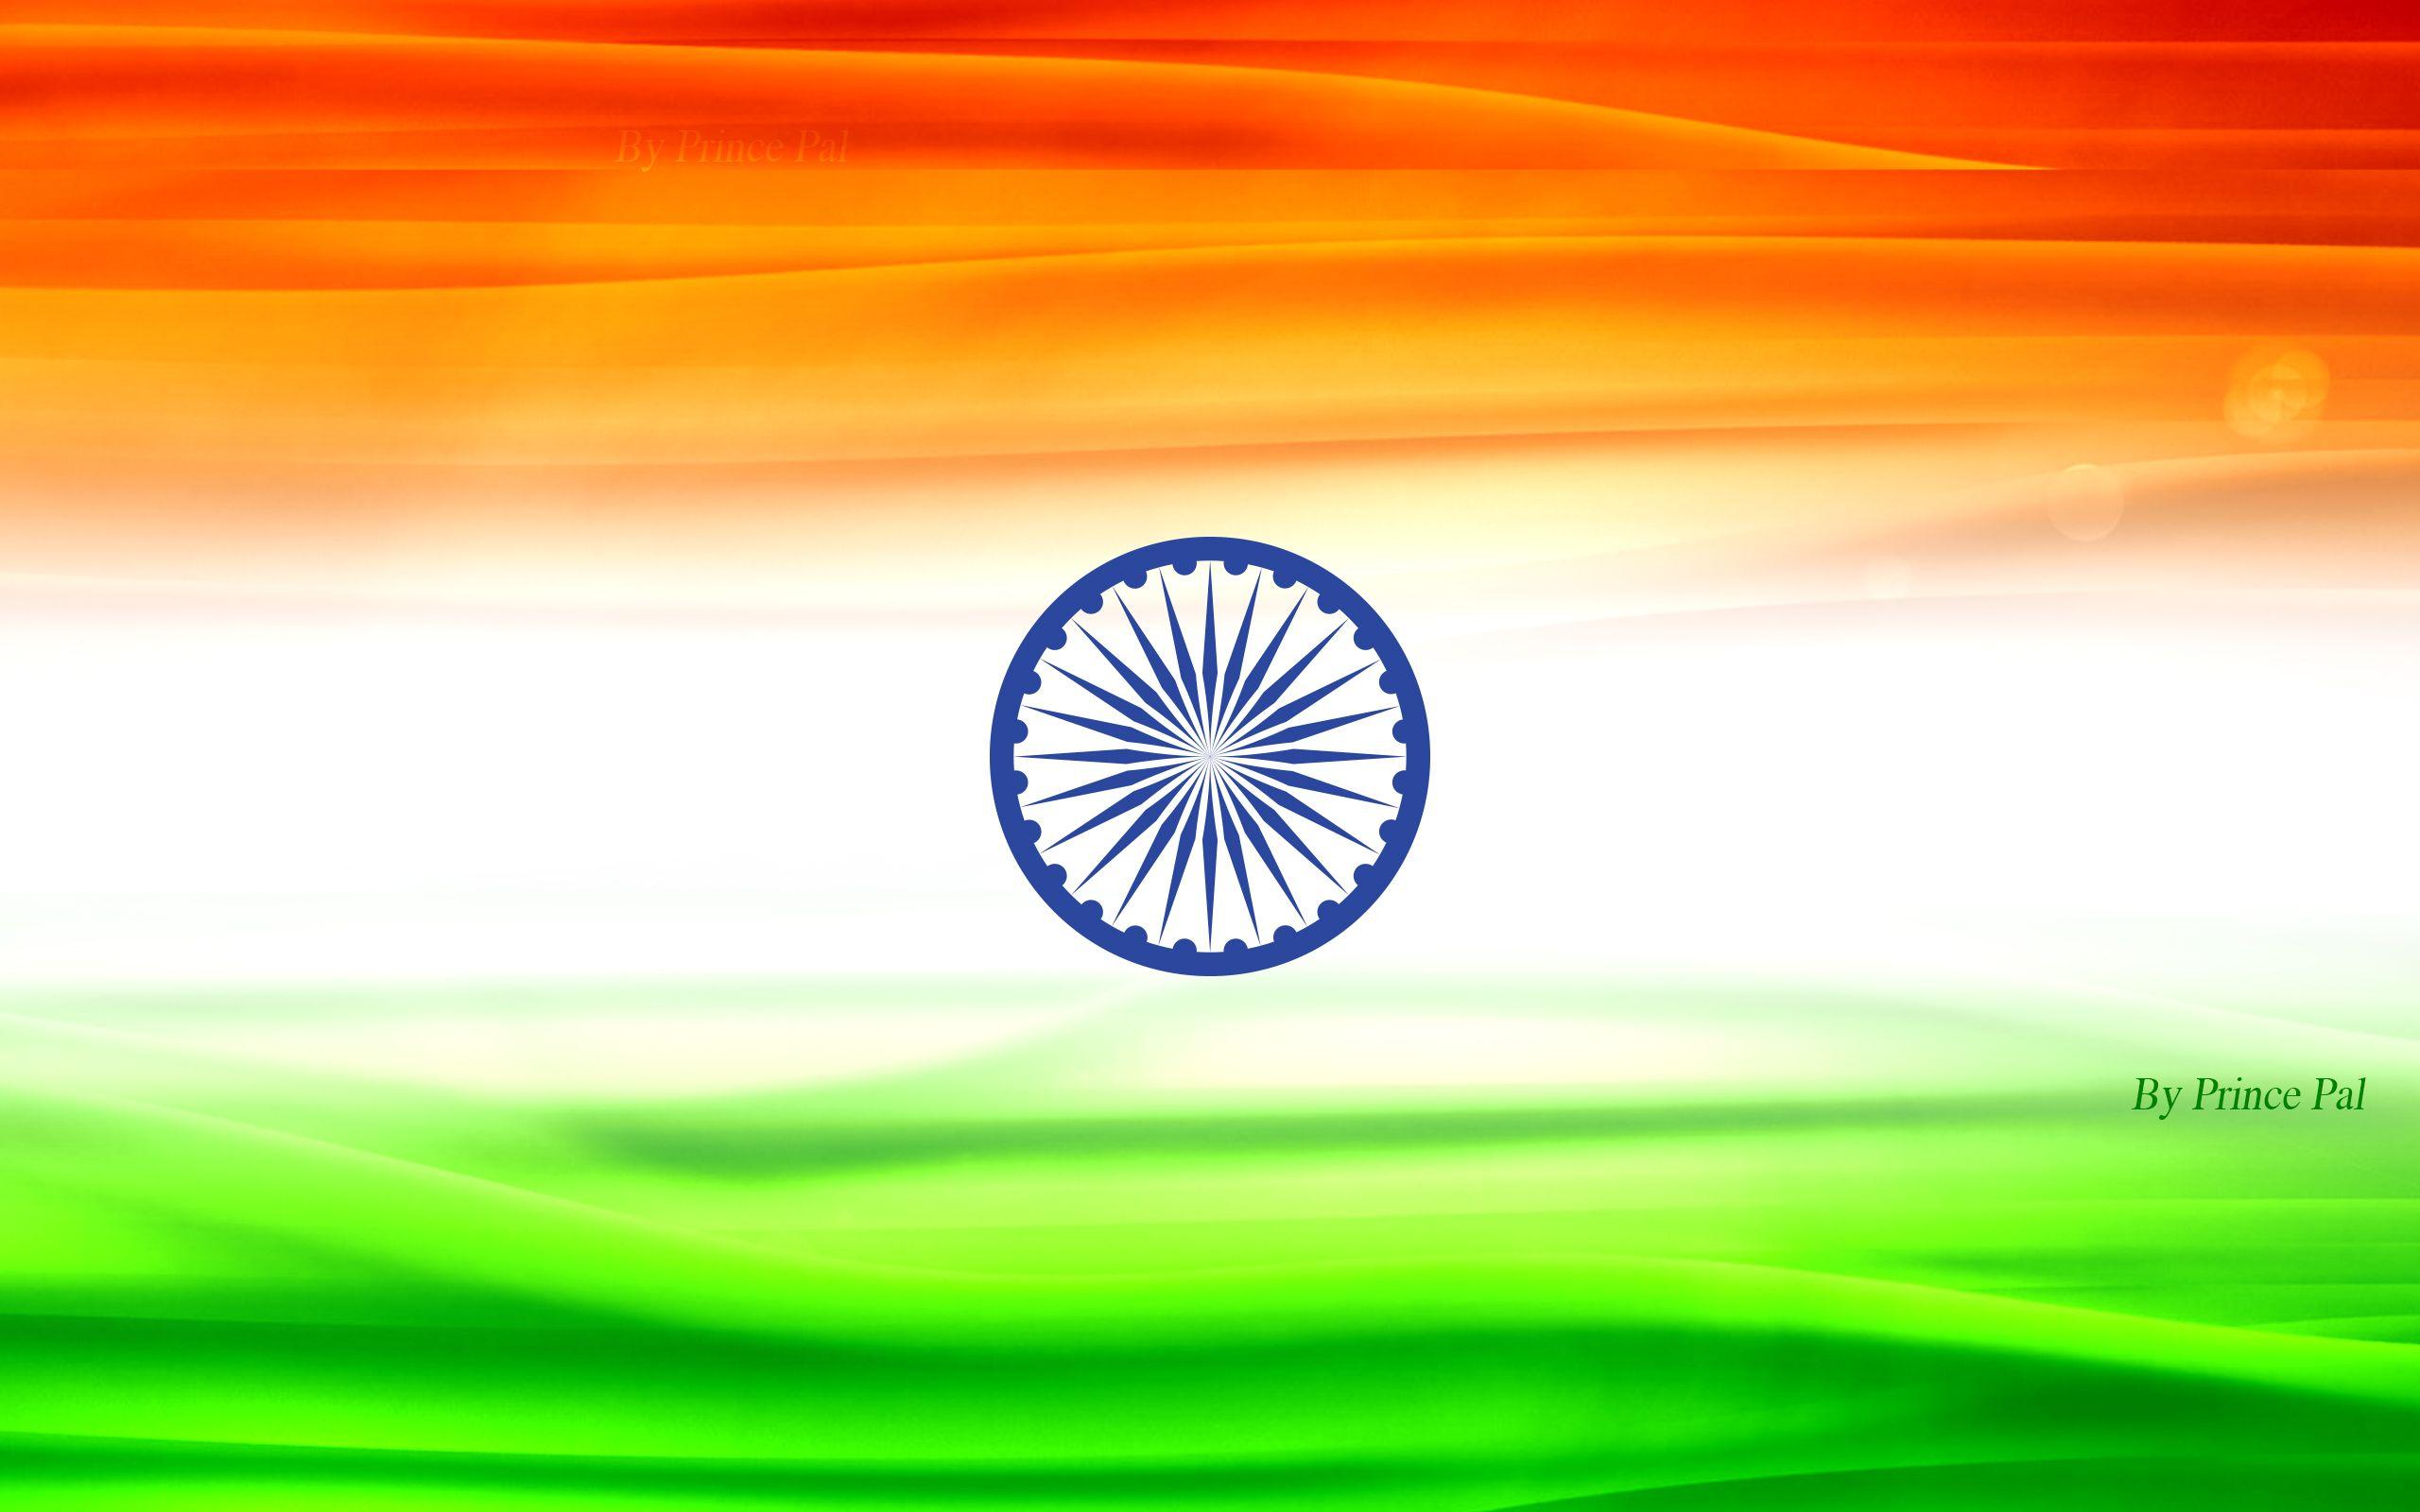 Indian-Flag-Wallpapers-for Desktop | Indian Flag HD Wallpapers & Images | Indian flag wallpaper ...